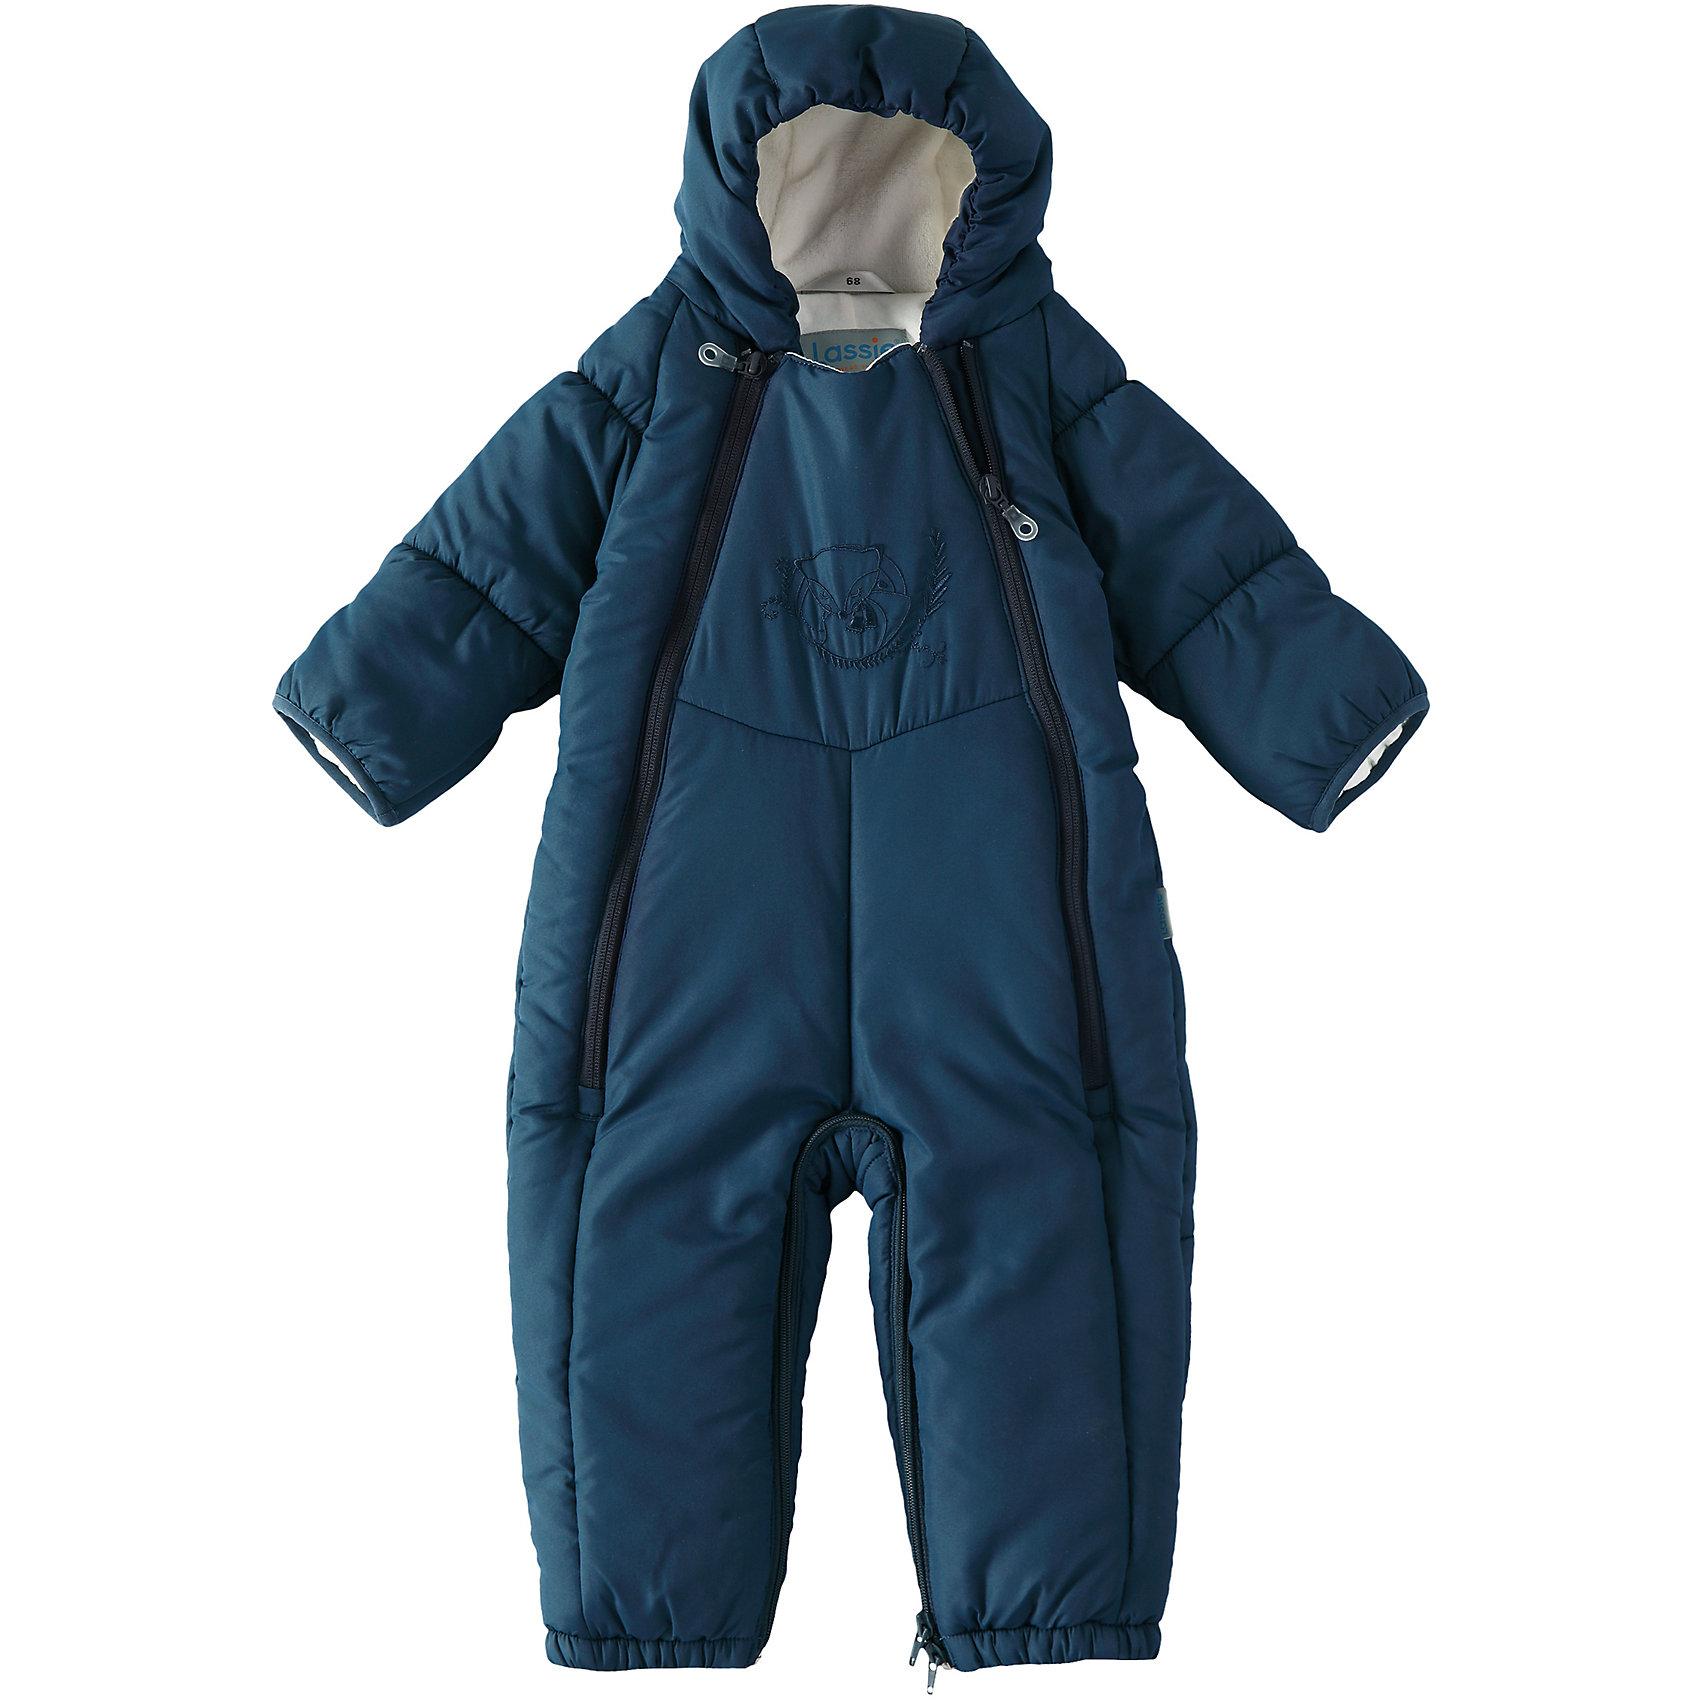 Комбинезон LassieВерхняя одежда<br>Зима пришла! Этот прелестный зимний комбинезон для новорожденных и малышей – идеальное решение для холодных зимних деньков! Он легко превращается в конверт.Комбинезон изготовлен из водоотталкивающего и ветронепроницаемого материала. Красивая мягкая внутренняя подкладка из смеси хлопка и эластана приятна к телу и обеспечивает дополнительное утепление, а длинные молнии спереди облегчают надевание. Полезные детали: съемные штрипки, благодаря которым брючины не будут подскакивать, и безопасный съемный капюшон.<br>Состав:<br>100% Полиэстер<br><br>Ширина мм: 356<br>Глубина мм: 10<br>Высота мм: 245<br>Вес г: 519<br>Цвет: синий<br>Возраст от месяцев: 12<br>Возраст до месяцев: 15<br>Пол: Унисекс<br>Возраст: Детский<br>Размер: 80,62,68,74<br>SKU: 6905353